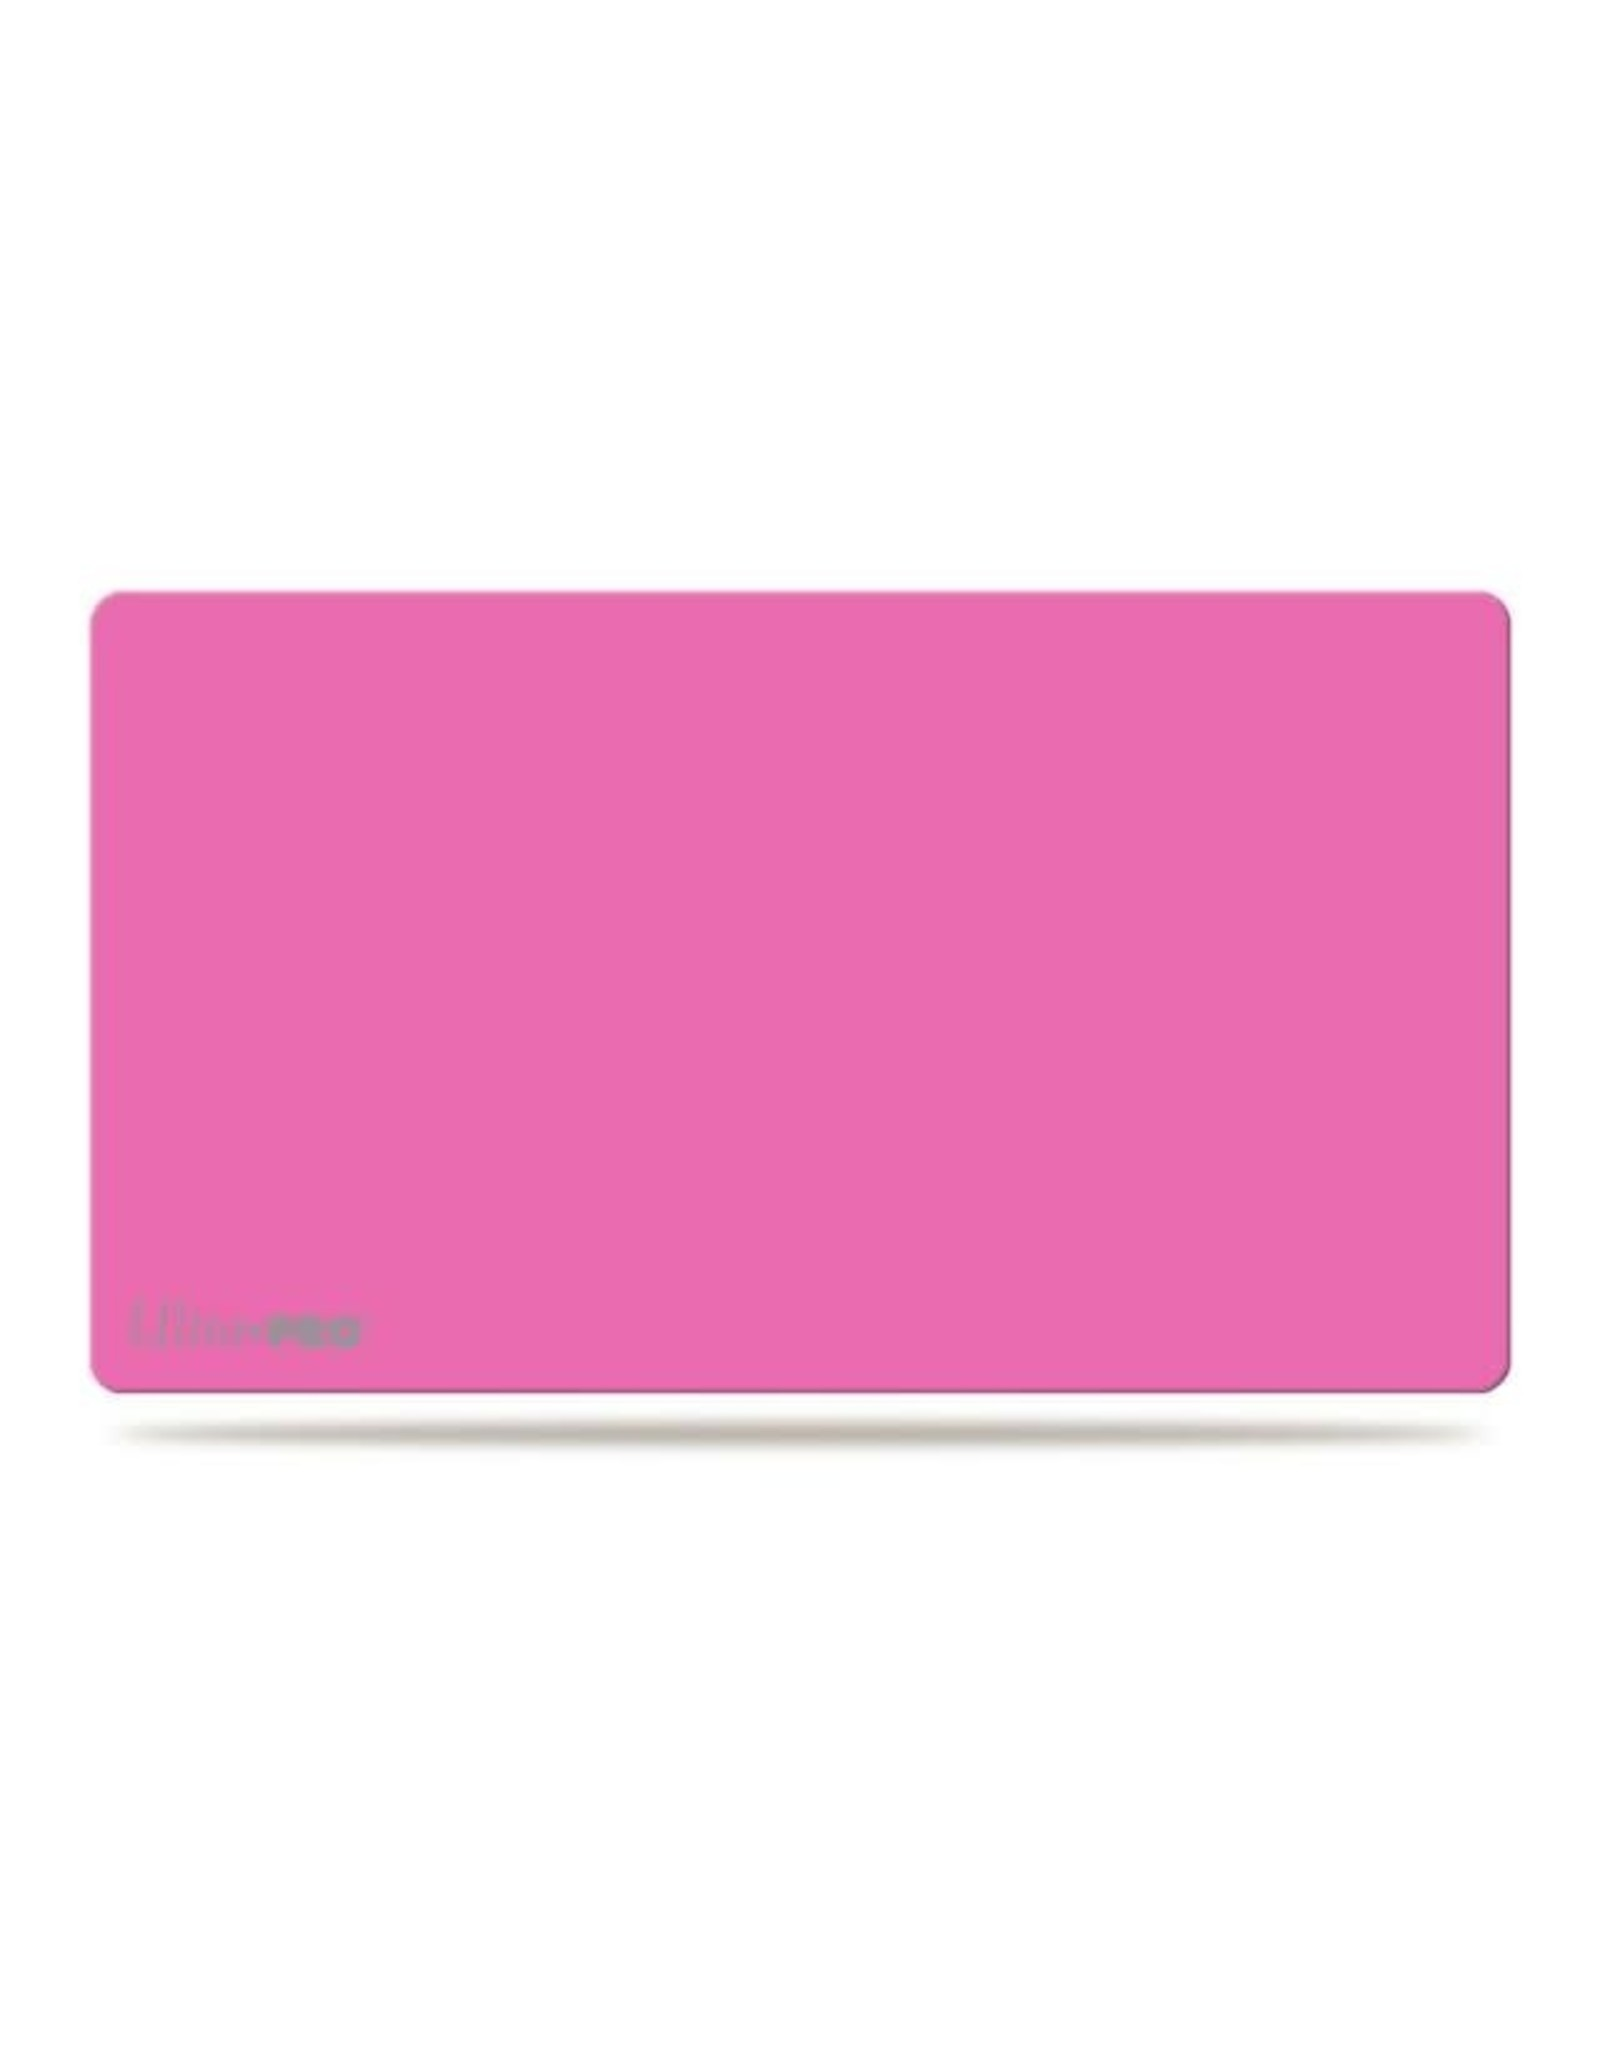 Ultra Pro Artist Playmat Pink